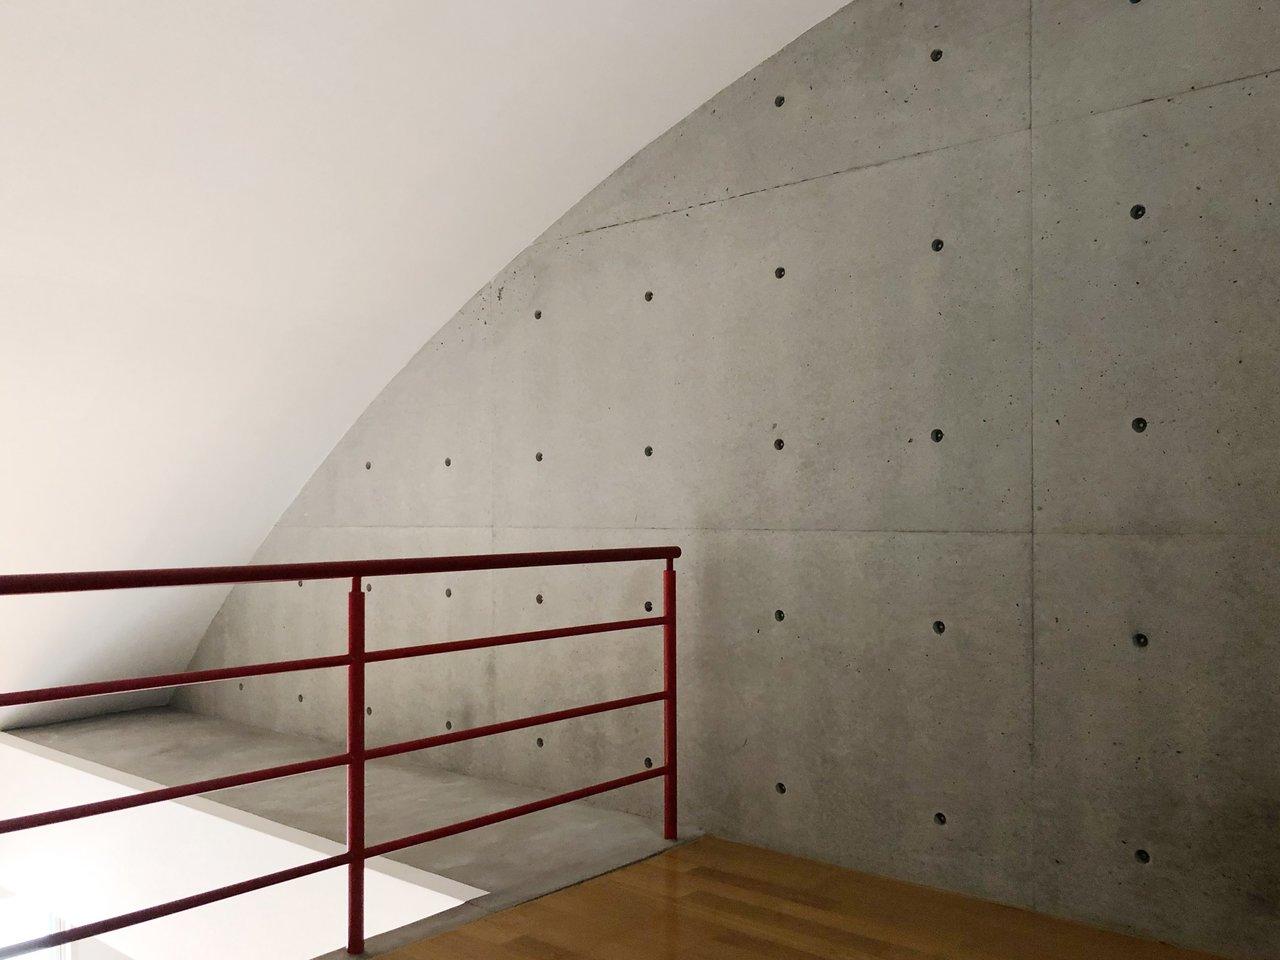 カーブを描く屋根が可愛い。窓や照明もついているので秘密基地っぽく使うのがおすすめです。